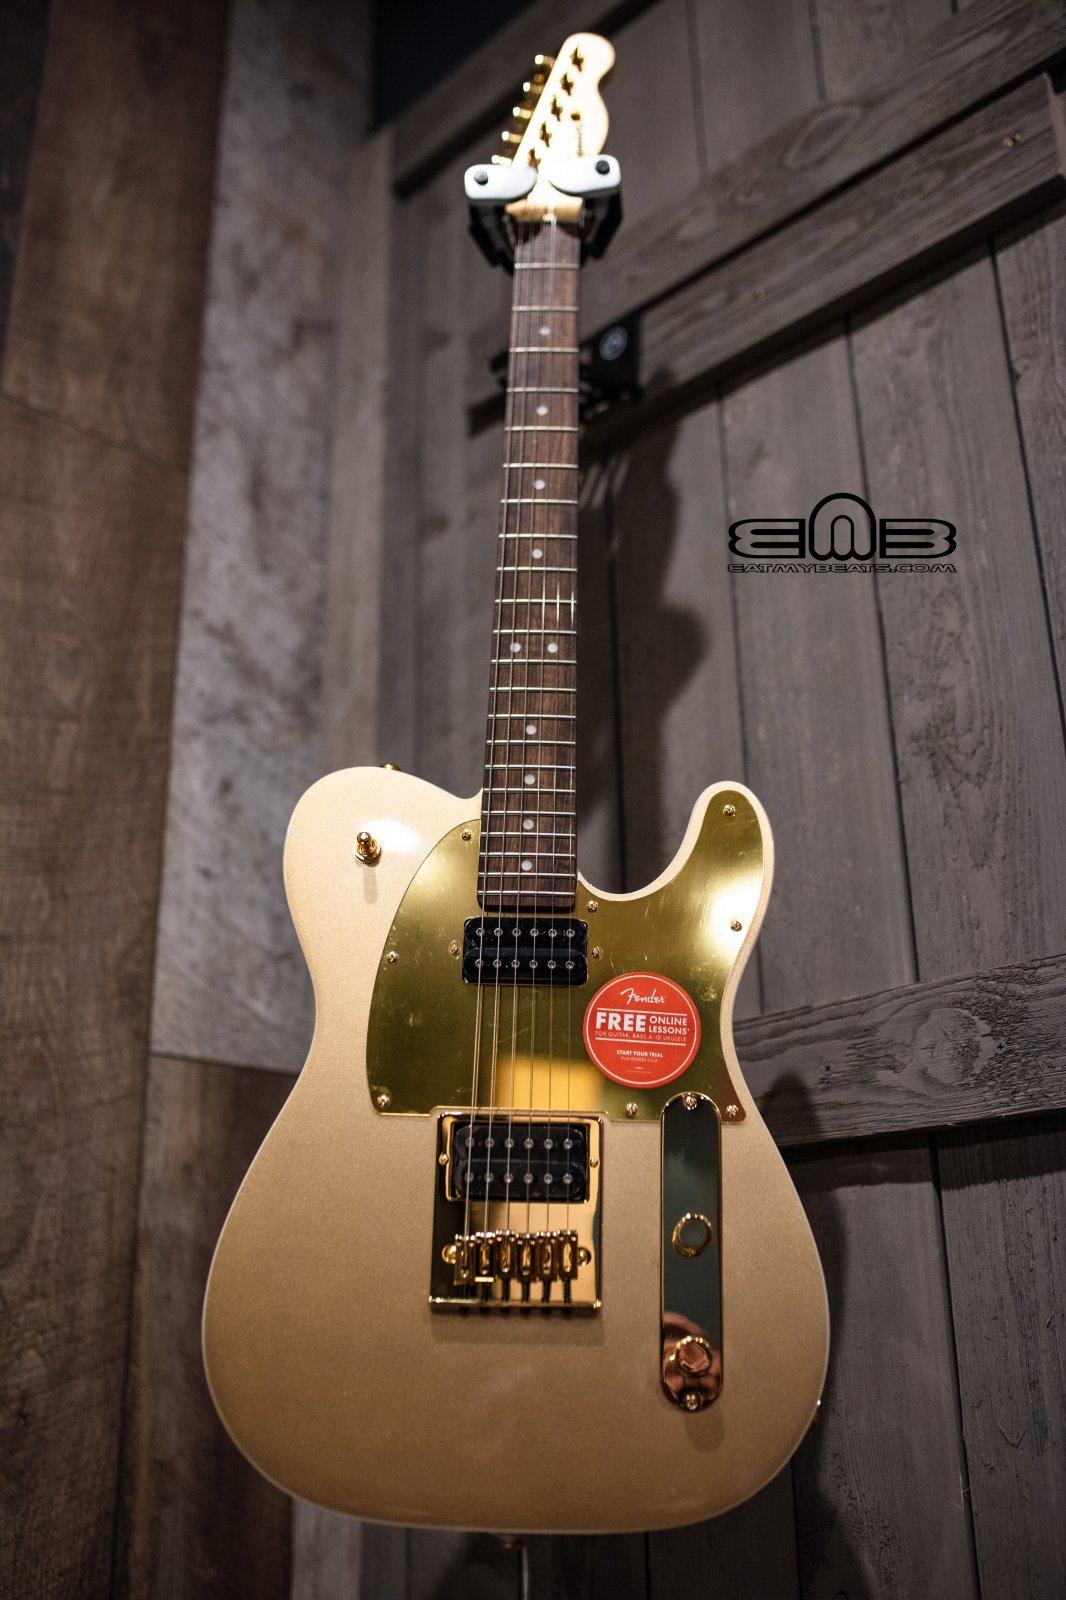 Fender Squier J5 Telecaster Electric Guitar, Laurel Fingerboard, Frost Gold